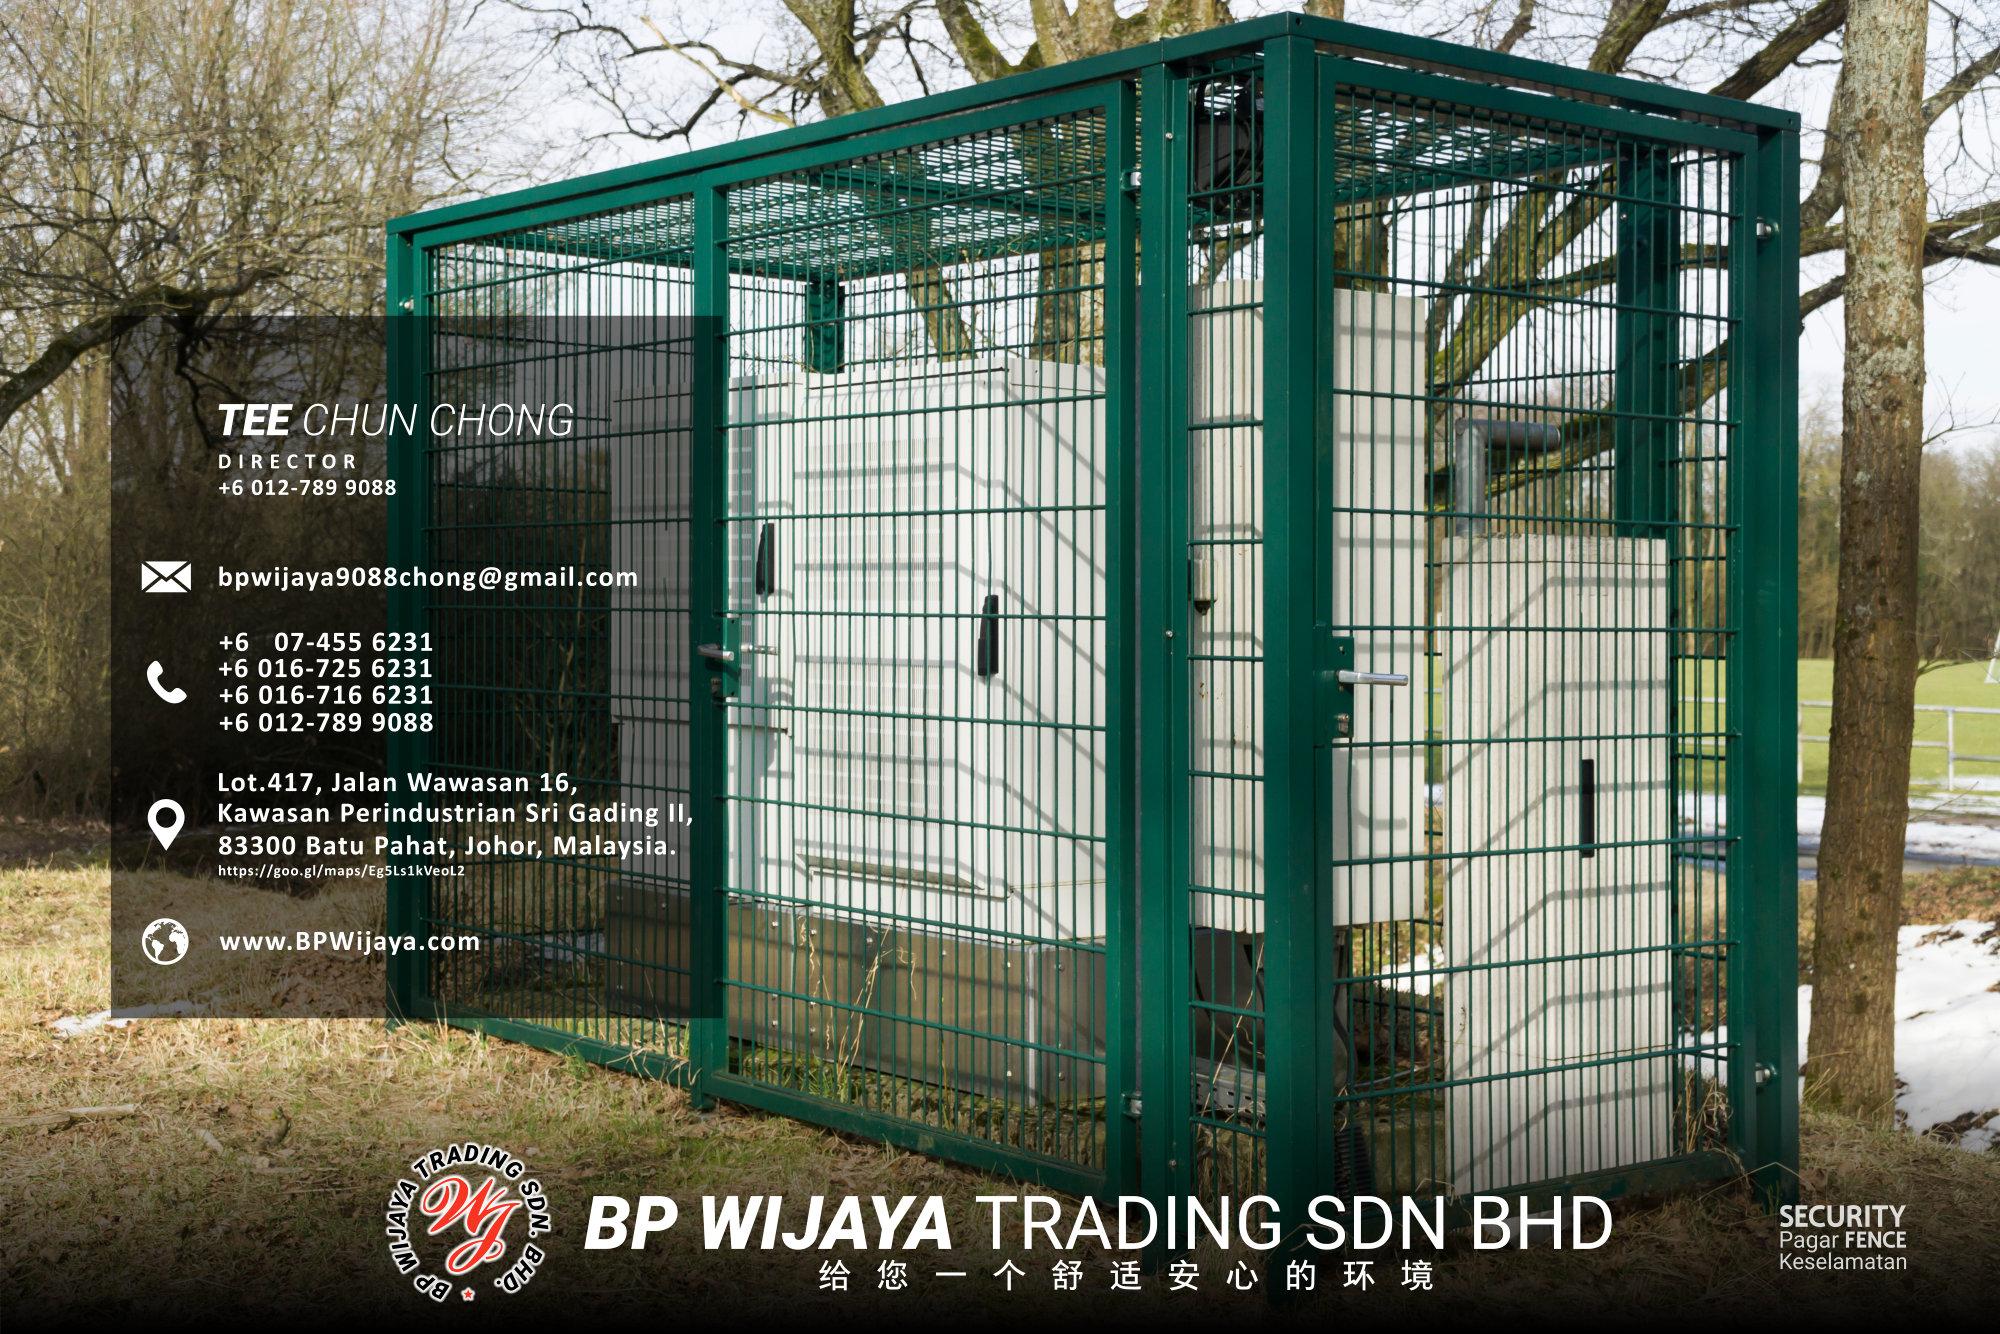 吉隆坡安全篱笆供应商 - 我们是安全篱笆制造商 BP Wijaya Trading Sdn Bhd 住家围栏篱笆 提供 吉隆坡篱笆 建筑材料 给 发展商 花园 公寓 住家 工厂 农场 果园 安全藩篱 建设 A03-018